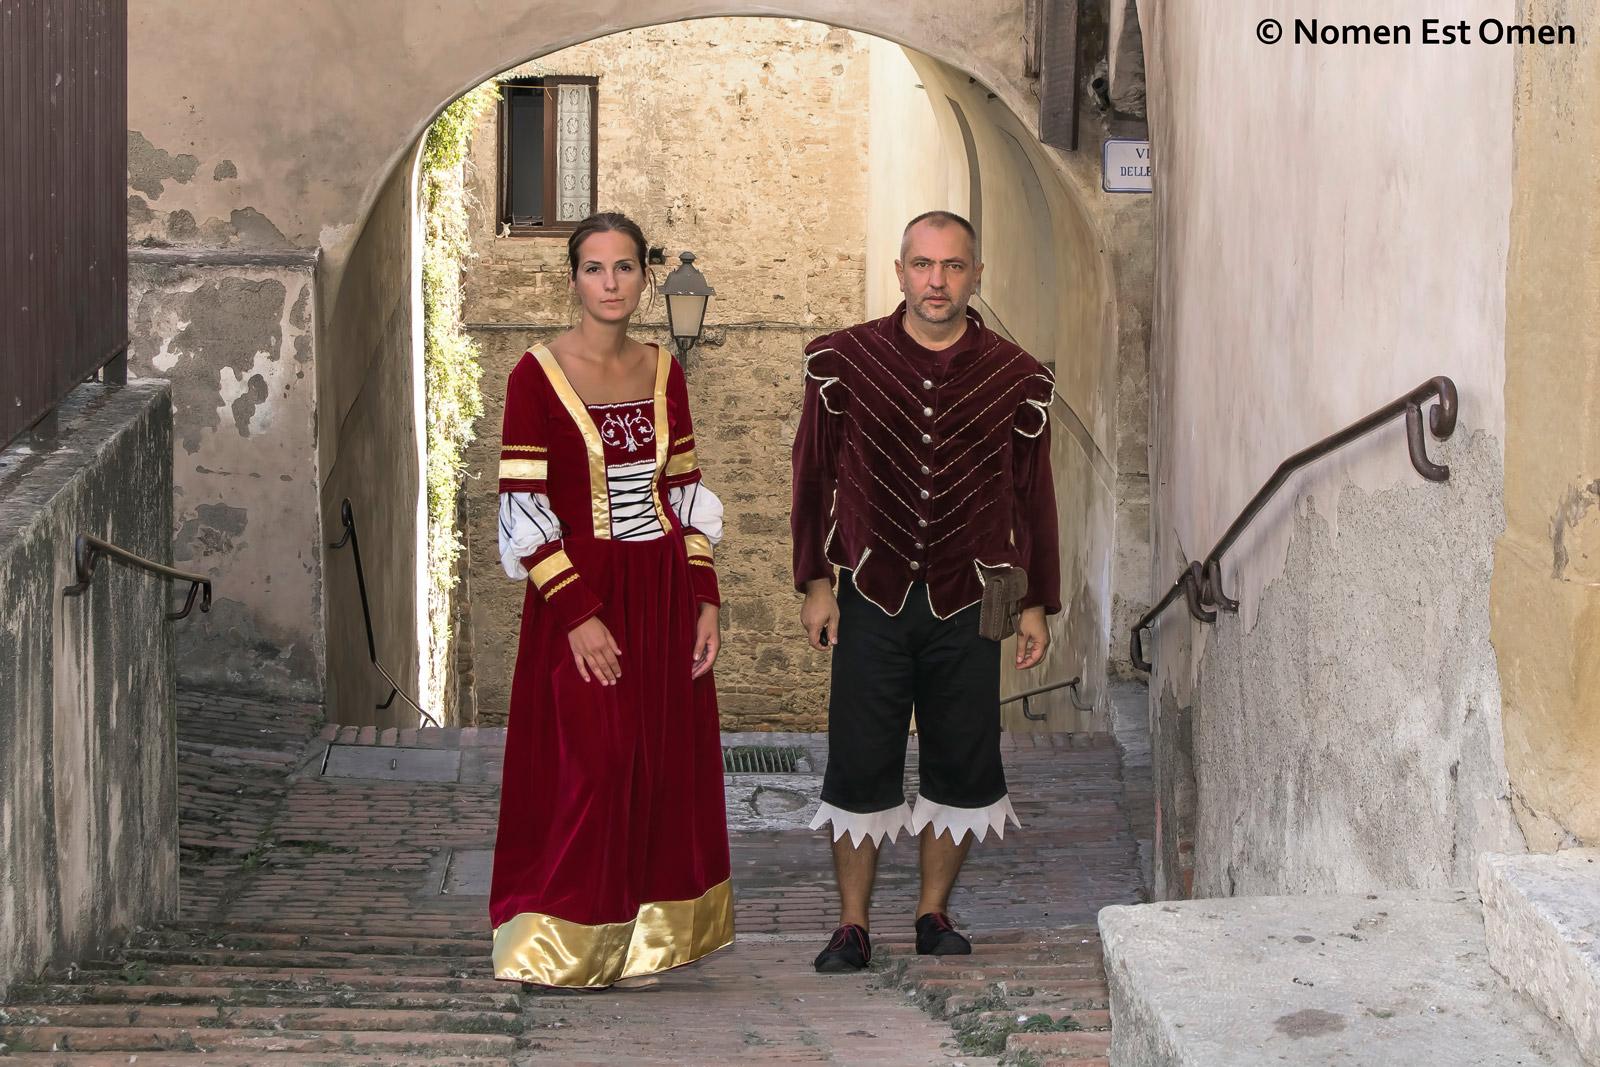 Nomen Est Omen in Italia